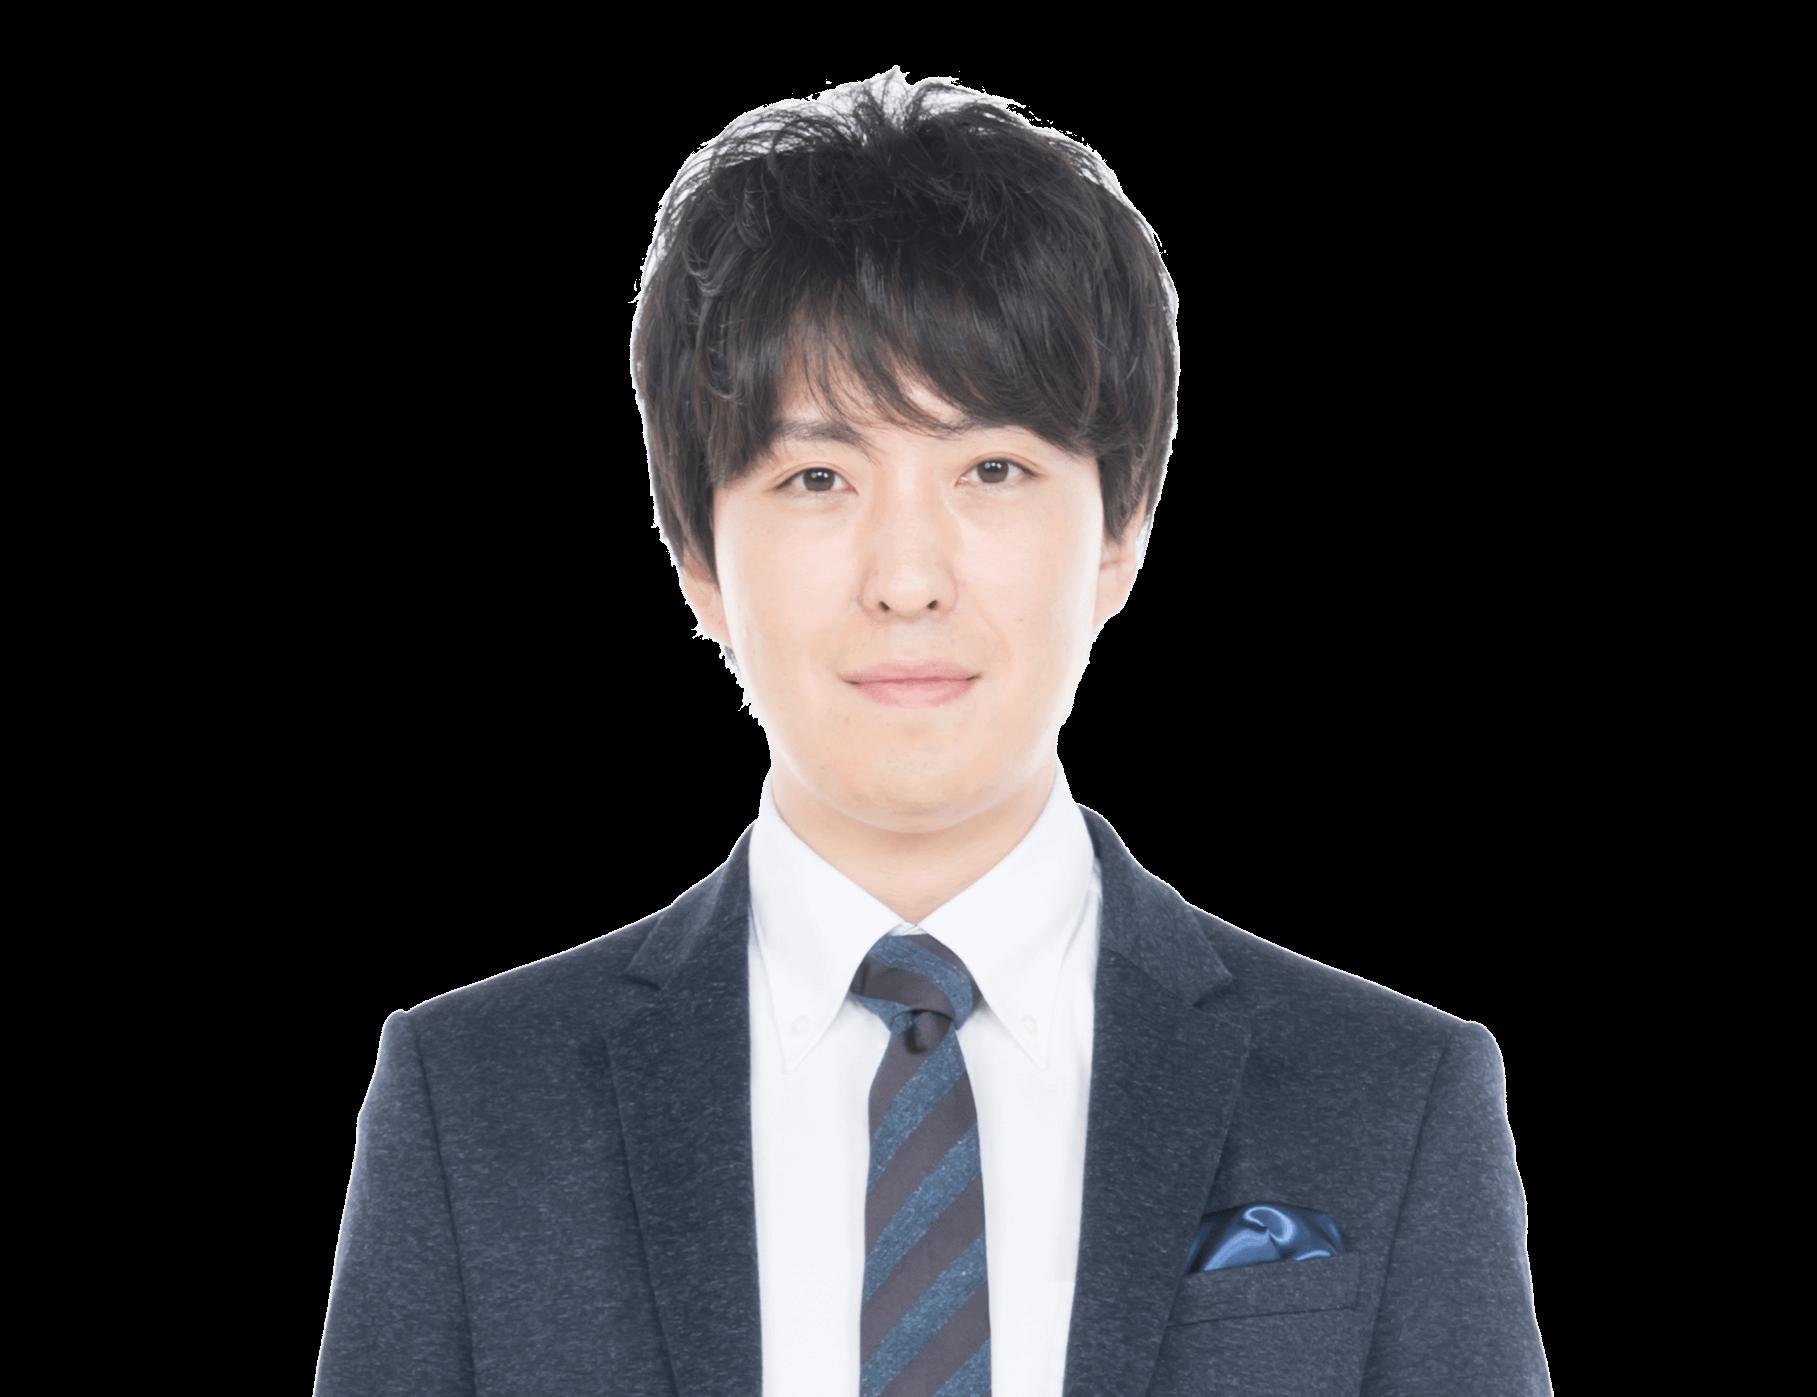 沼倉裕/Yu Numakura